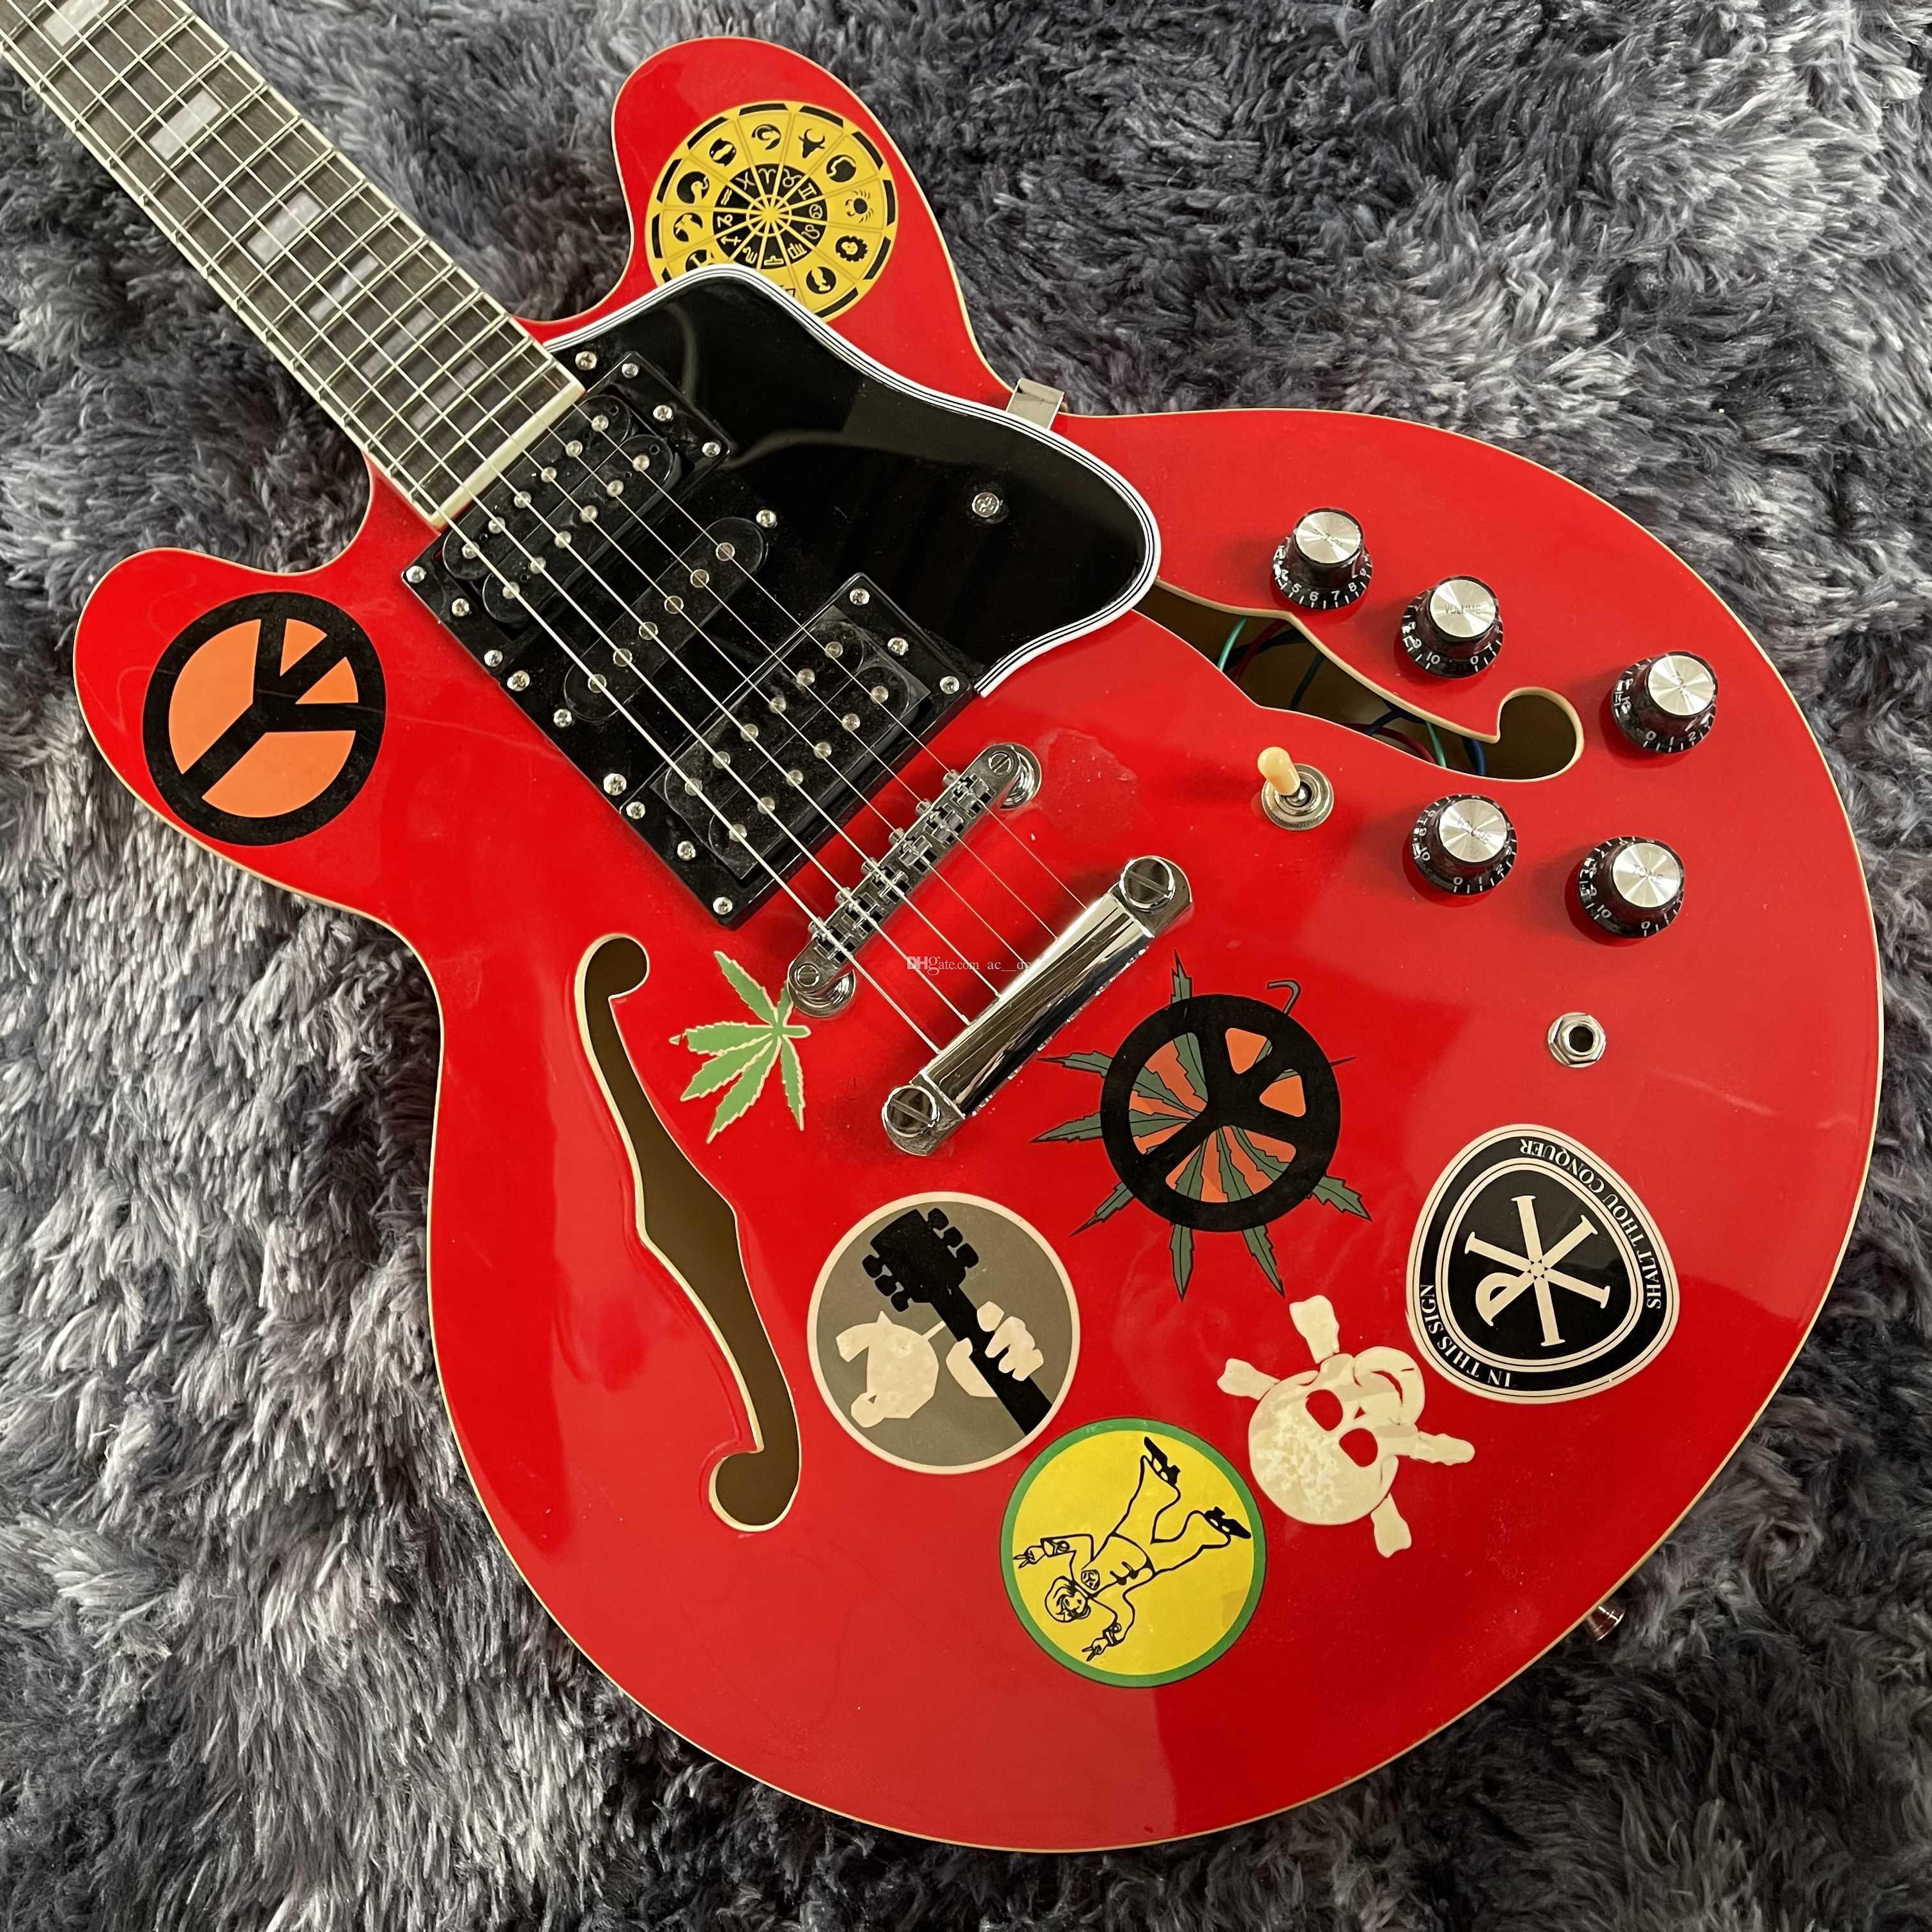 ألفين لي جيتار أحمر كبير 335 شبه الجوف الجسم الجاز الكرز القيثارات الكهربائية كتلة صغيرة البطانة 60 ثانية الرقبة، 5 المقابض سيد ستيك، المستقبلون